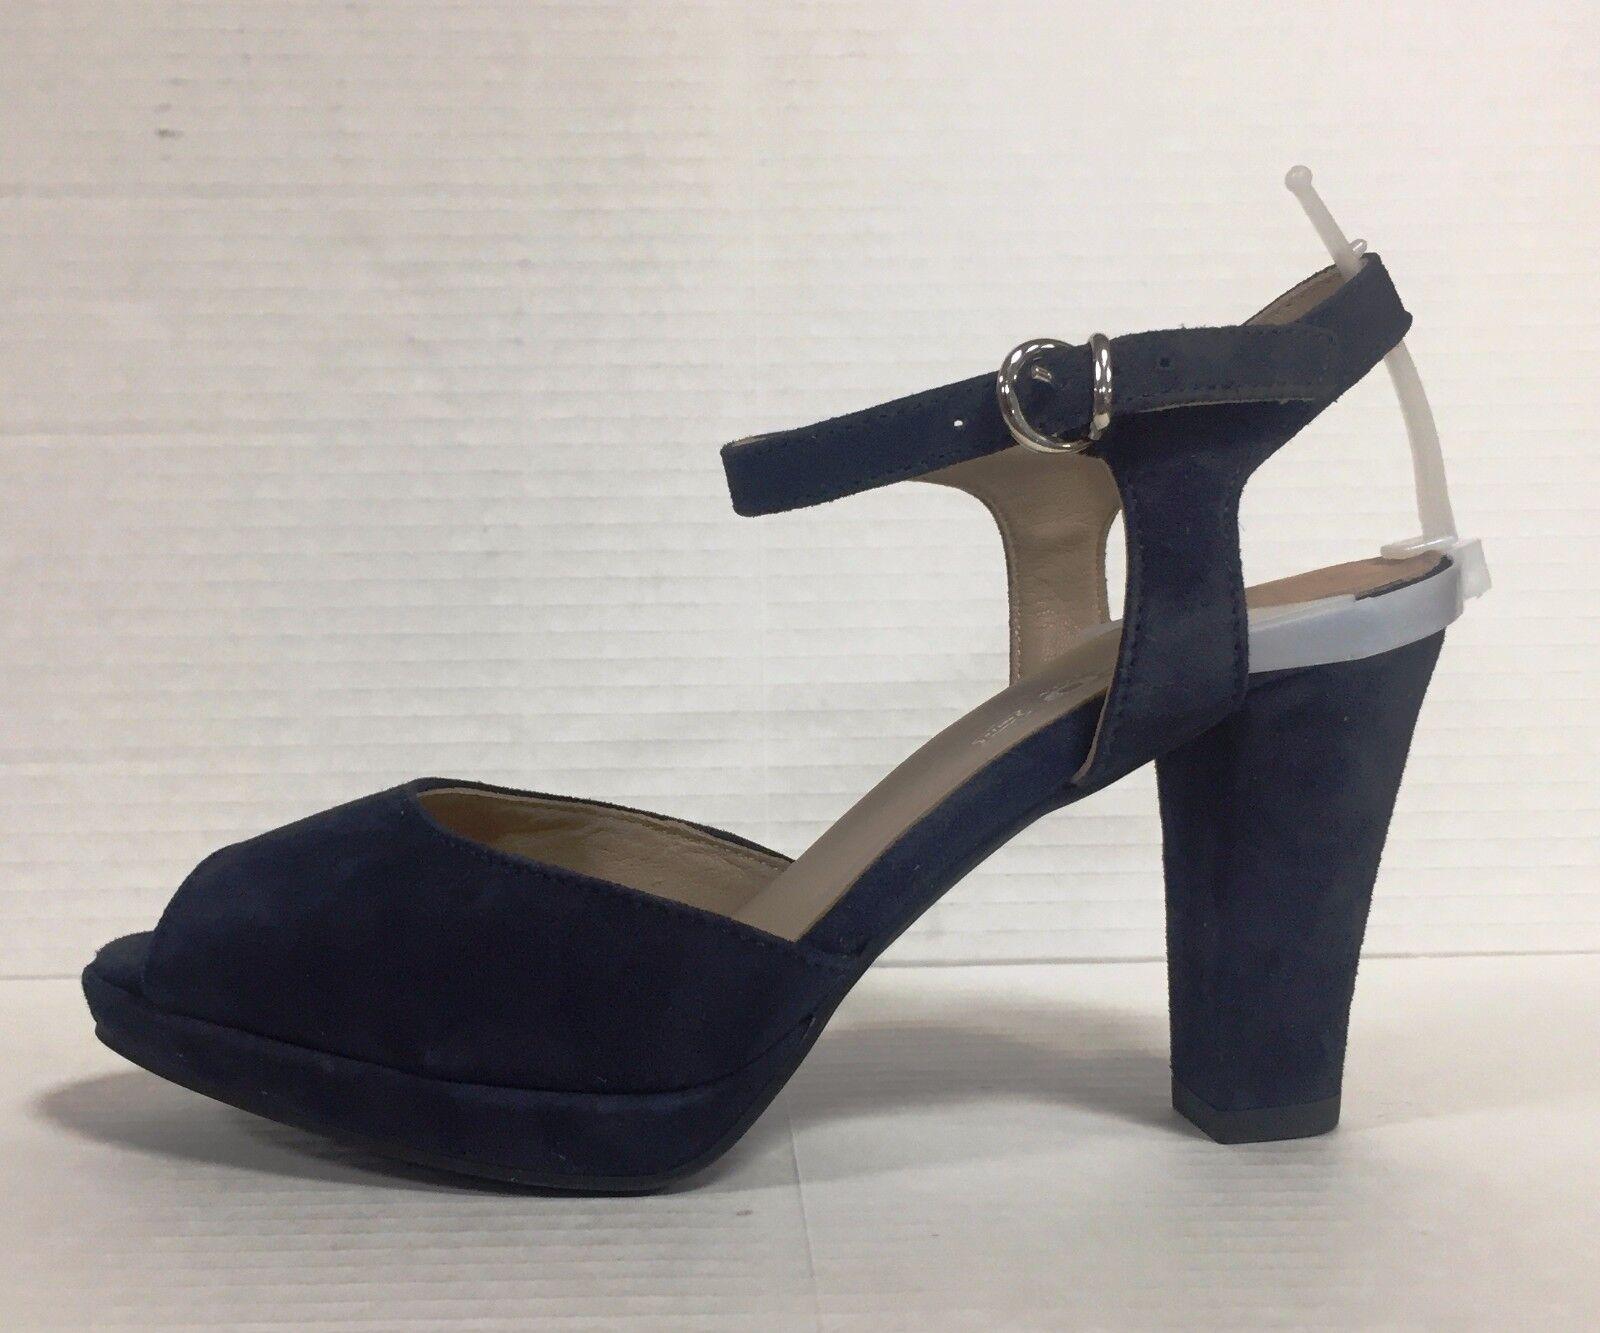 Descuento barato IGI & CO. Zapatos sandalias de mujer tacón y la meseta ante Azul Art. 77544